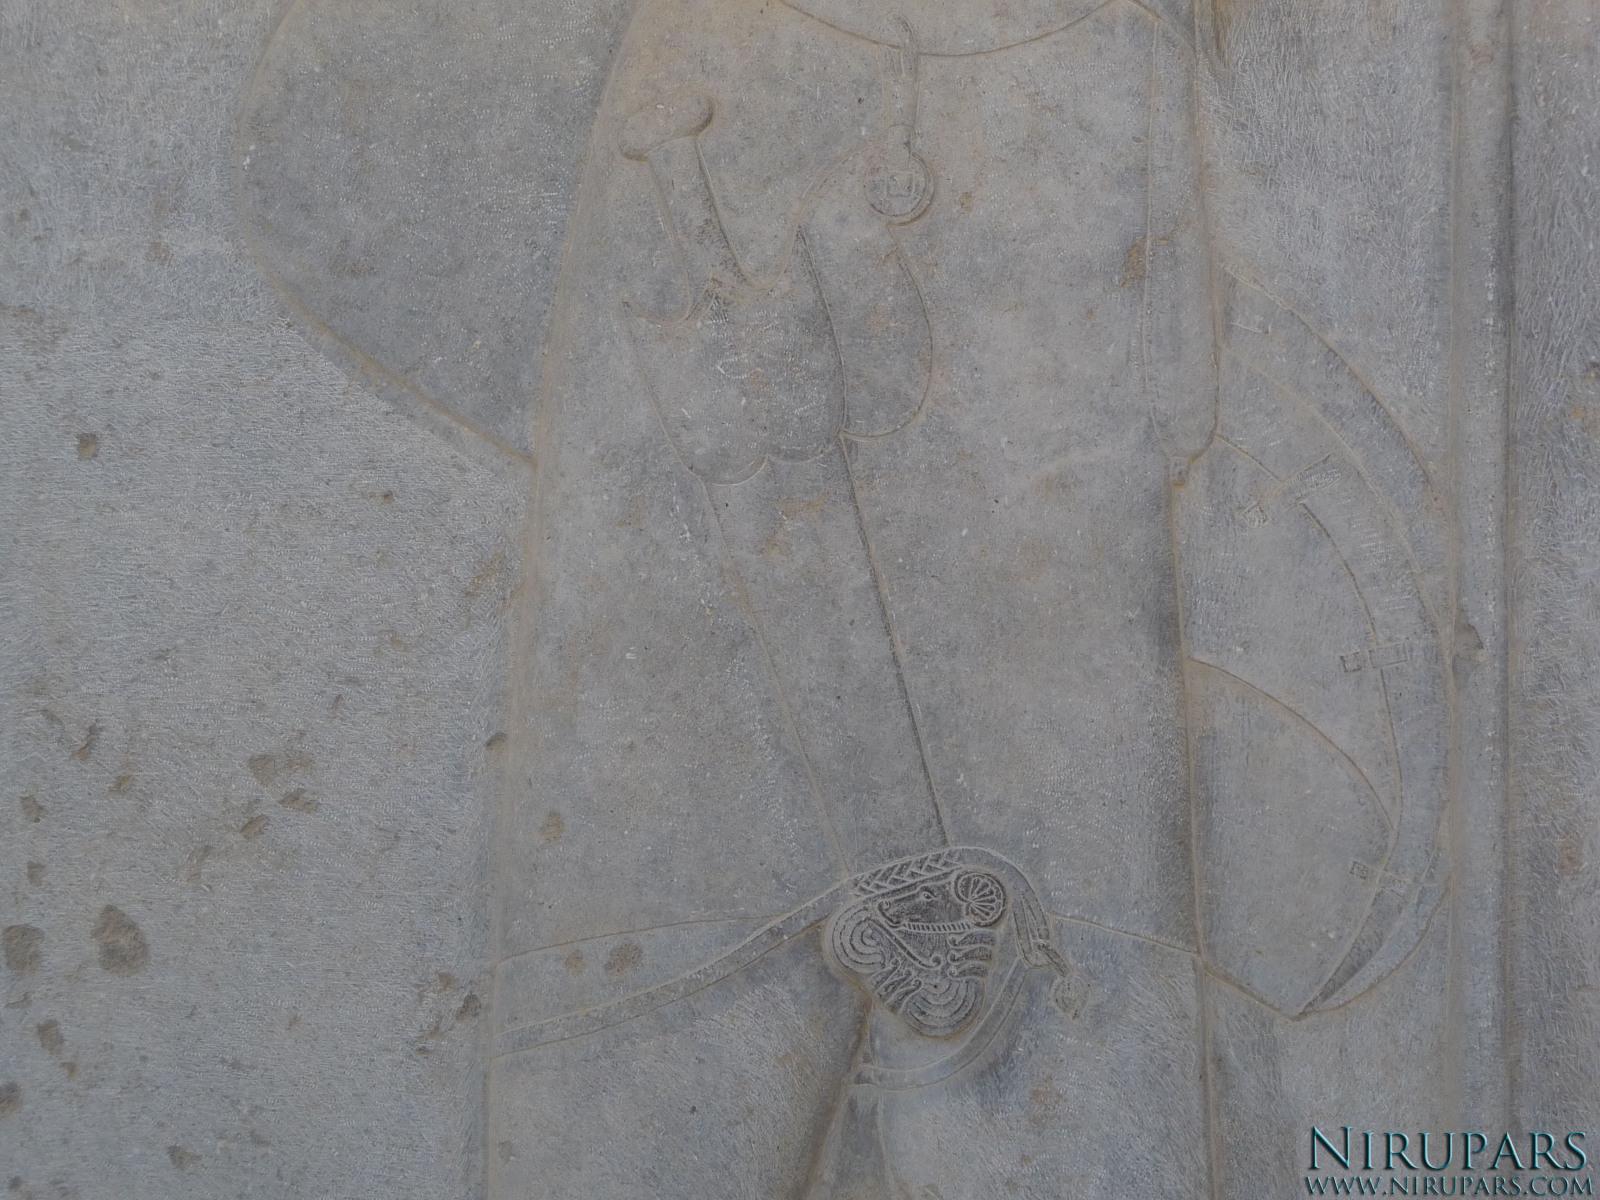 Persepolis - Council Hall Tripylon - North Portico - Relief Akinakes